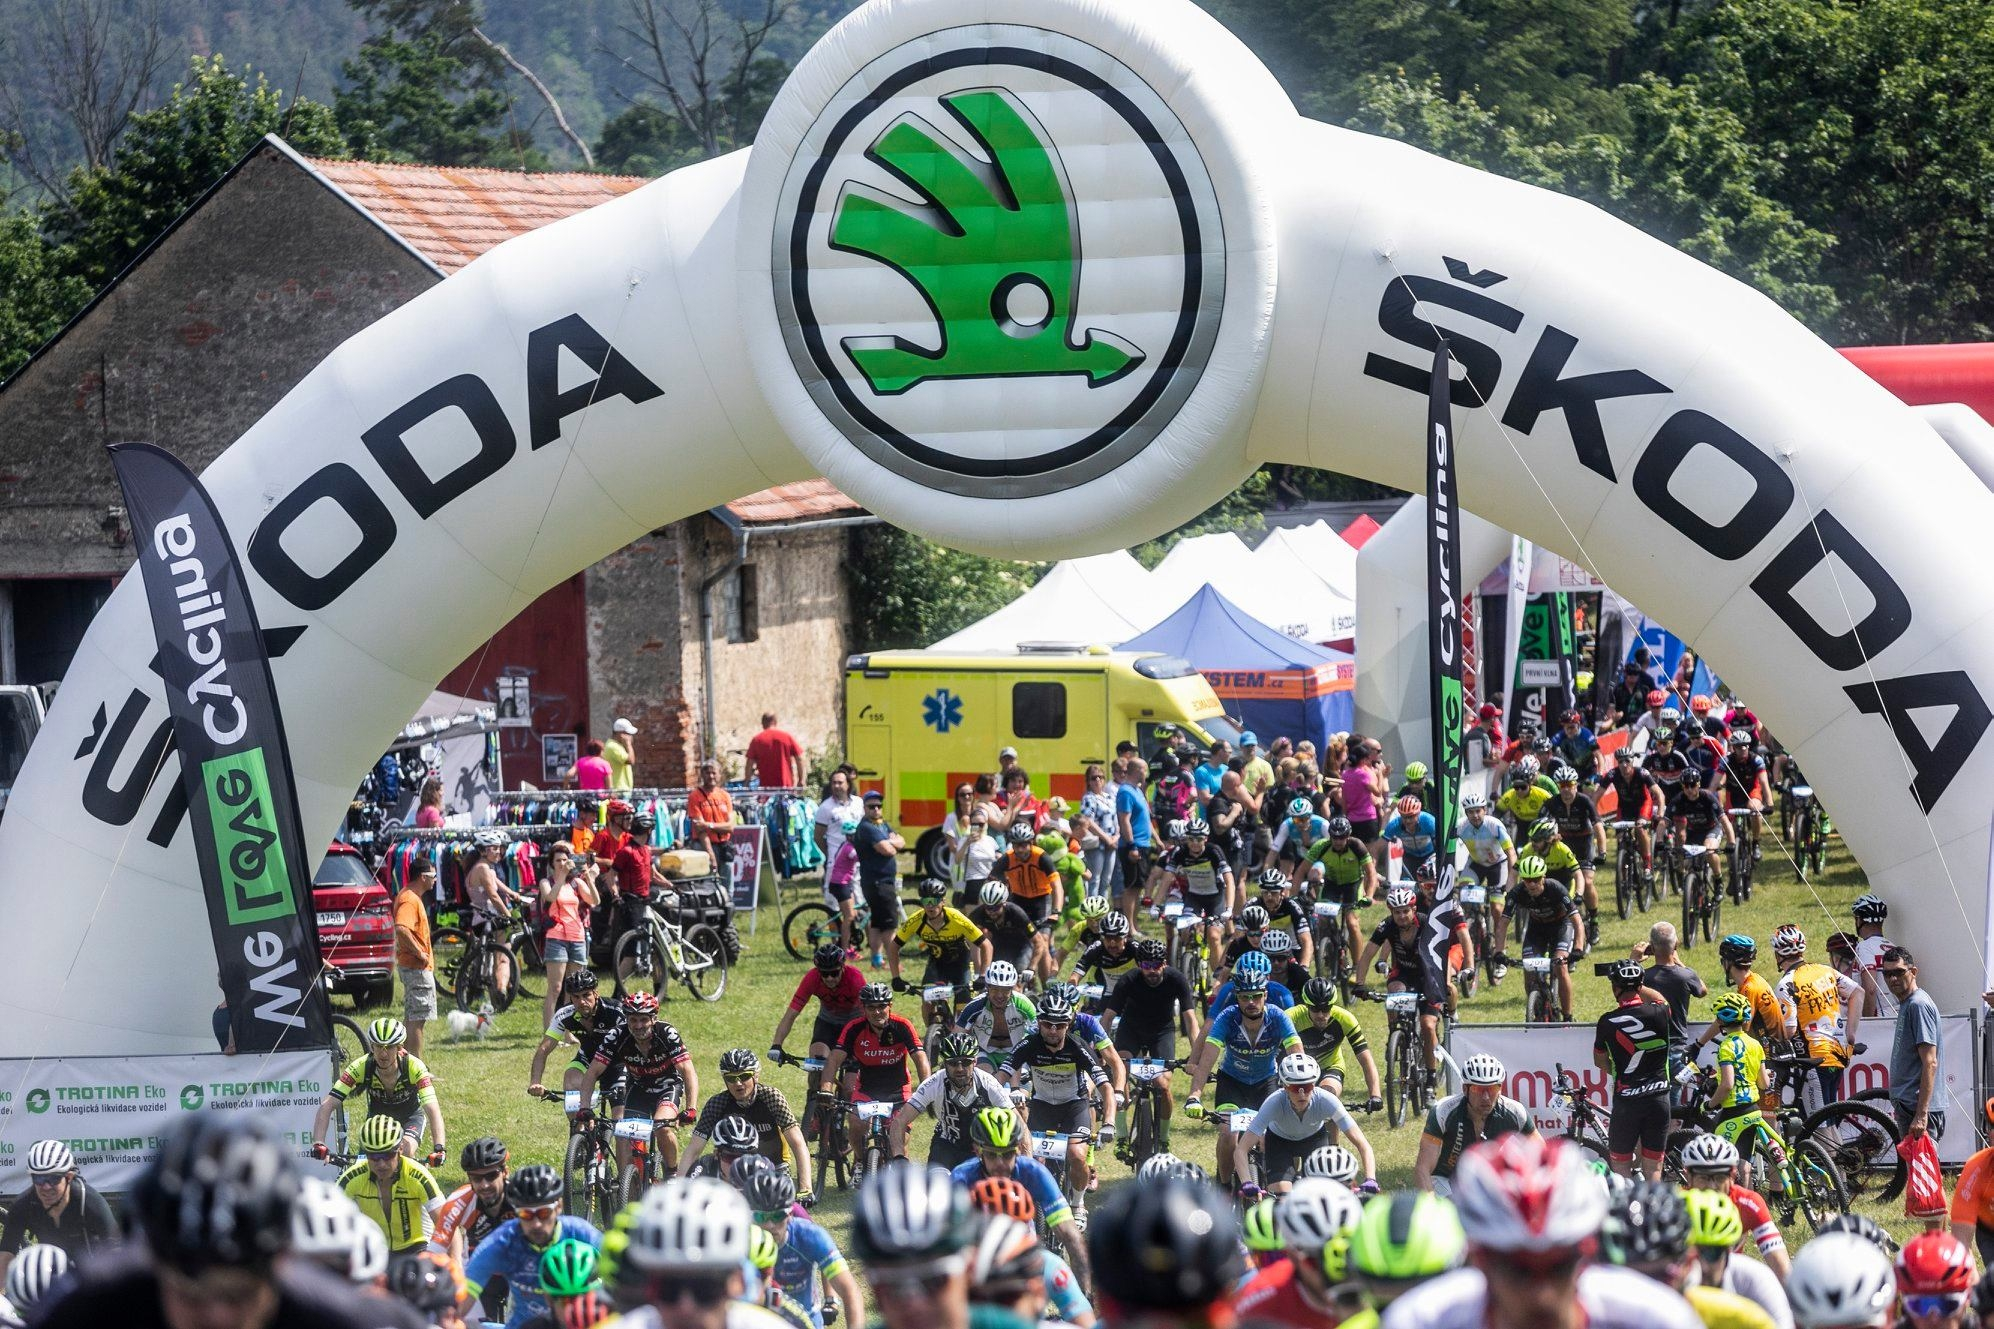 Cyklisté se valí jako lavina vstříc kilometrům úvodního podniku seriálu Nova Cup. Foto: Robin Nevřala a Ondřej Litera